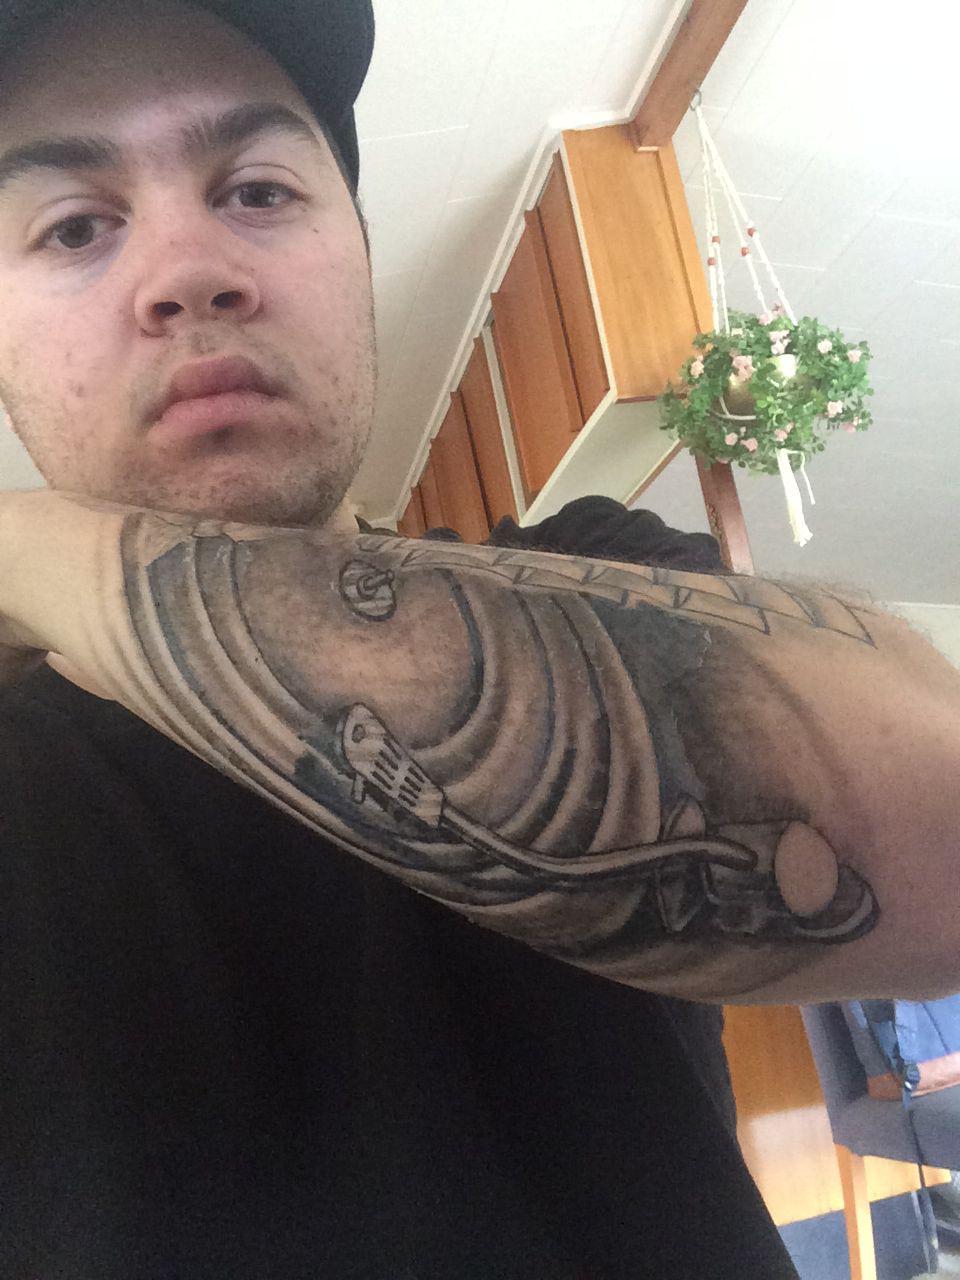 New tattoo last week, starting to peel but still looking